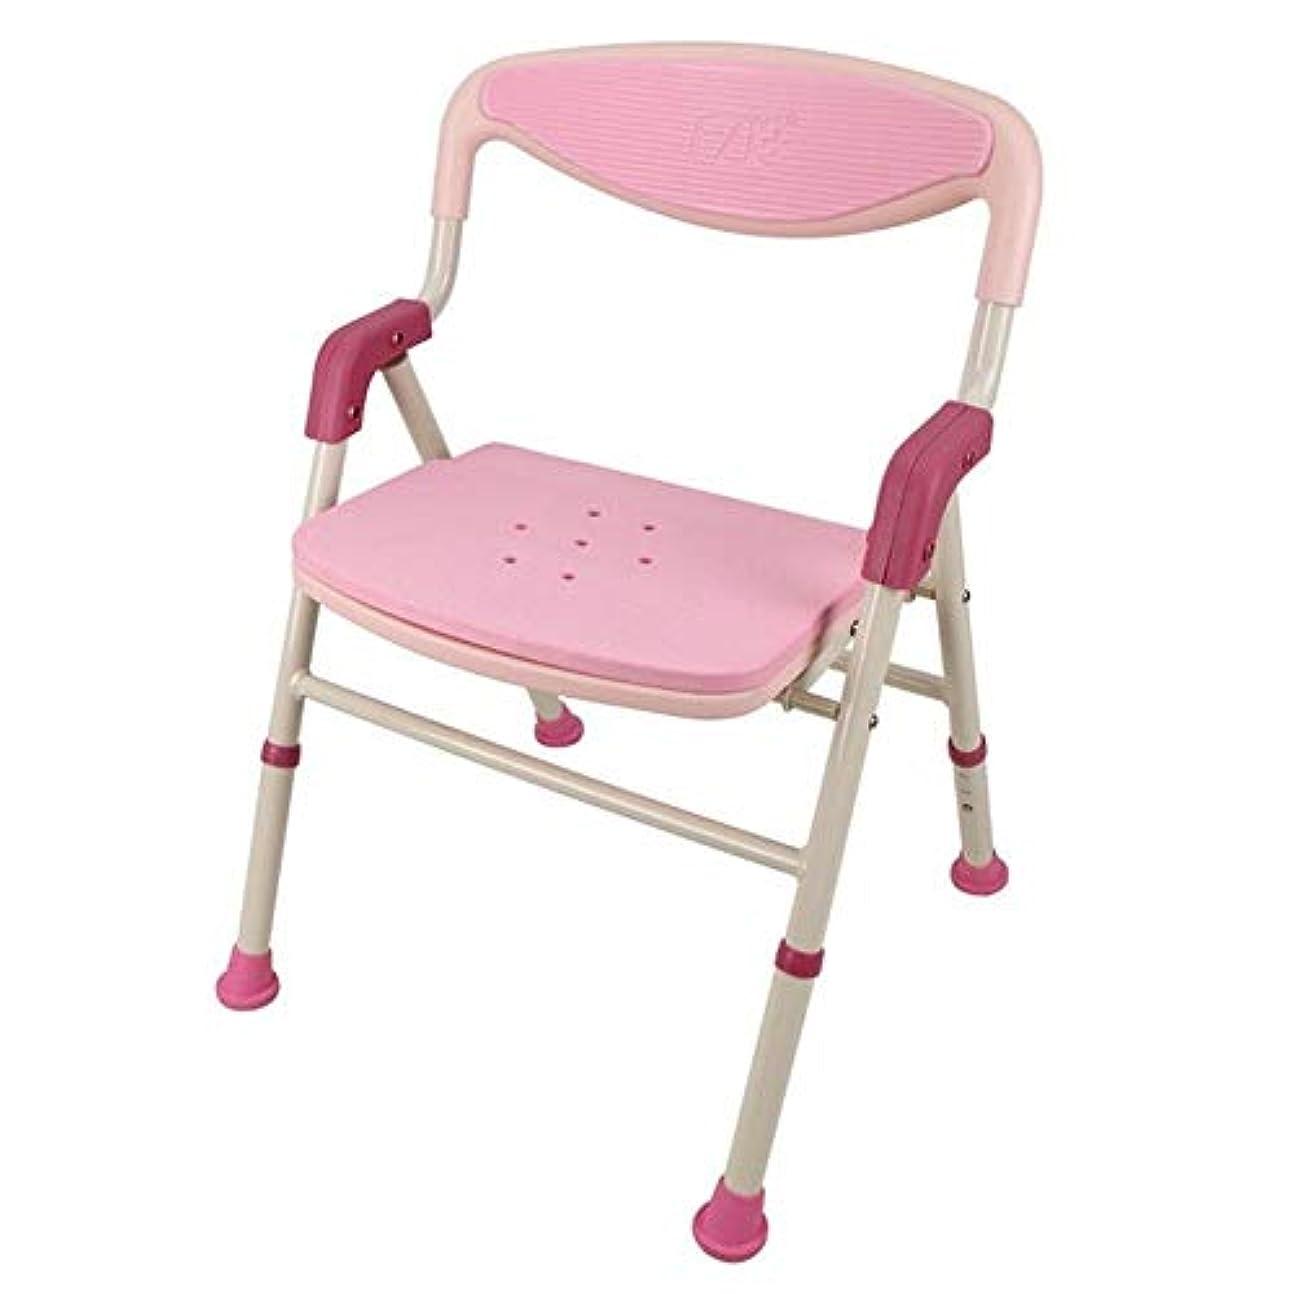 インフルエンザハイライトポスター浴室の腰掛けのアルミニウムシャワーの座席椅子の滑り止めの高さの調節可能な障害援助